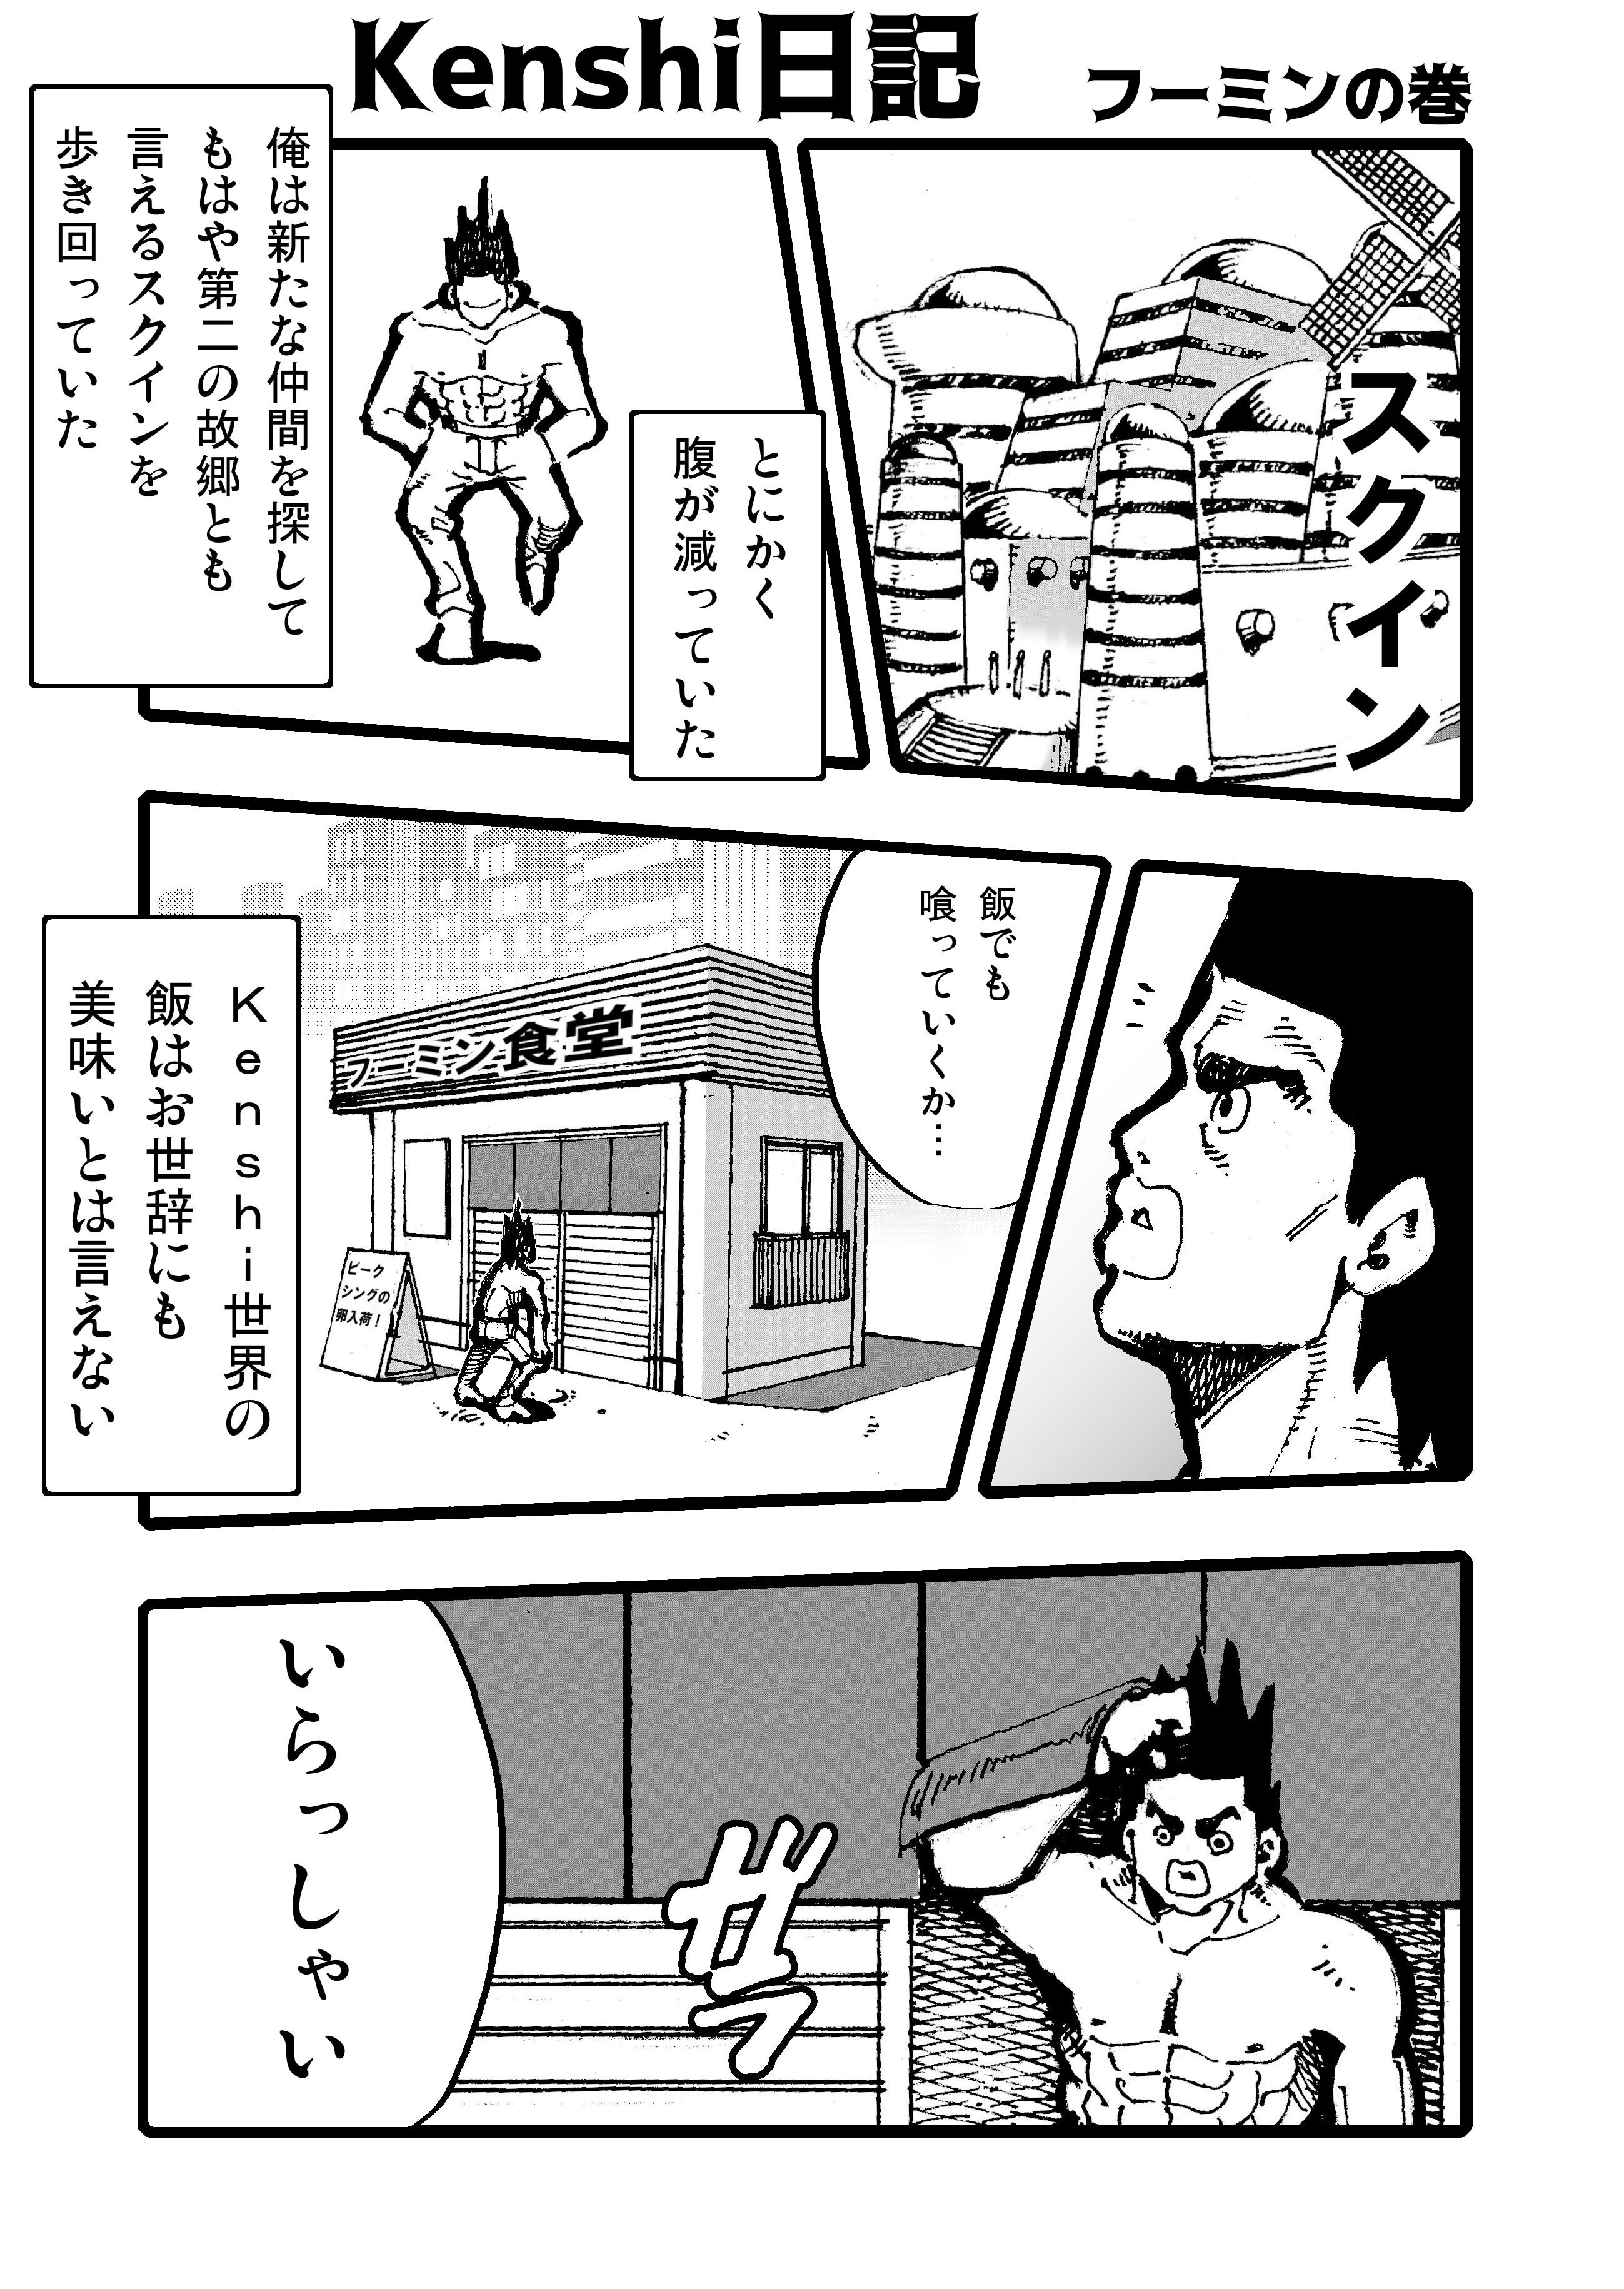 Kenshi日記22 フーミンの巻